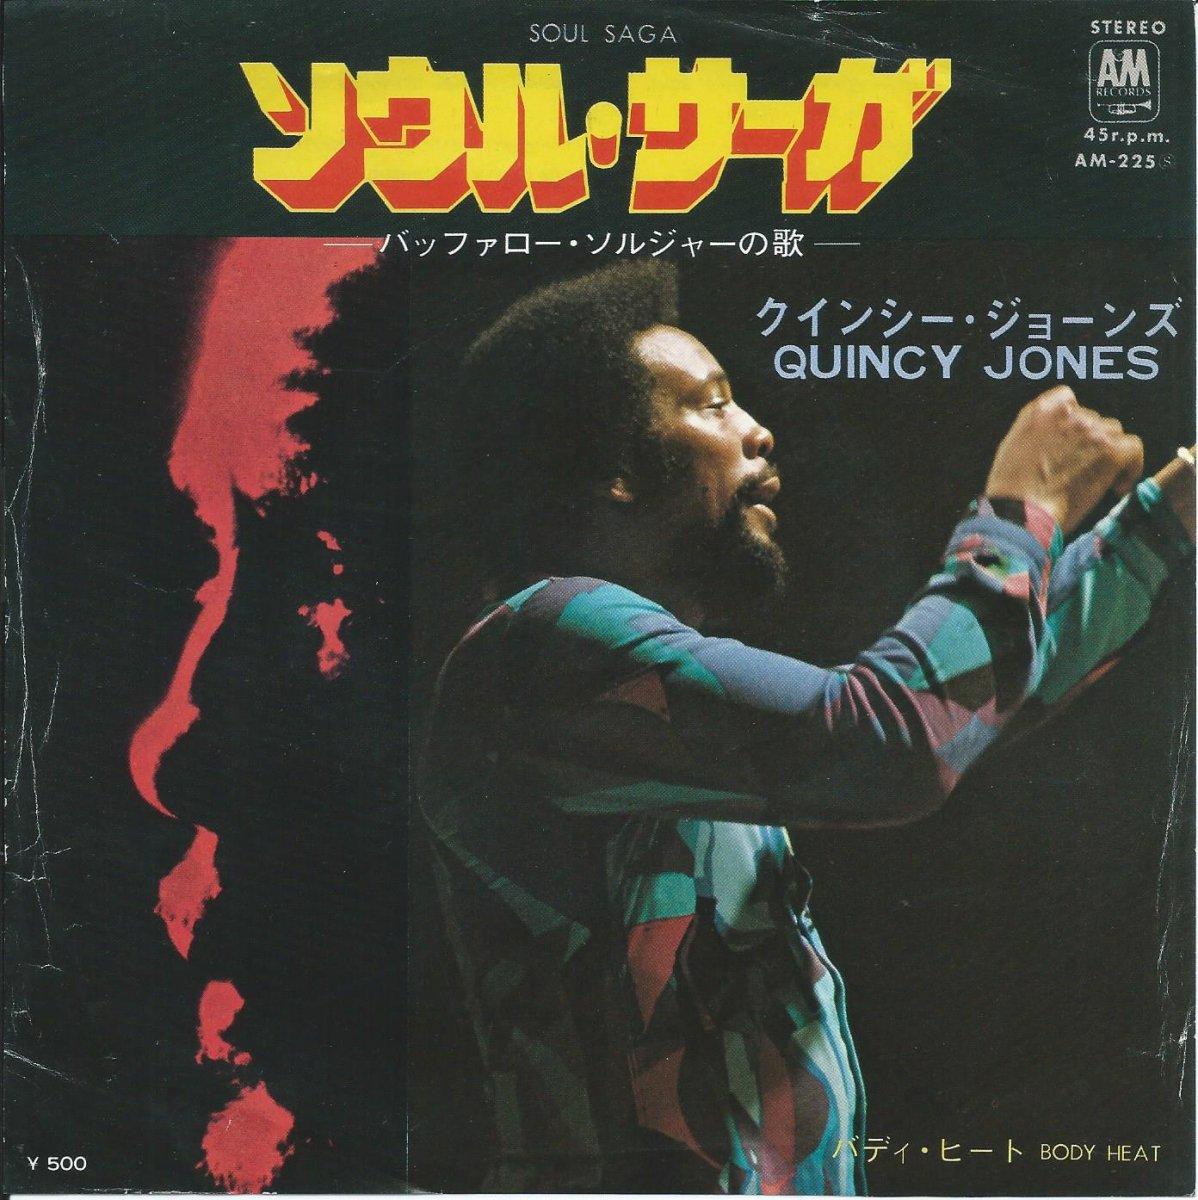 クインシー・ジョーンズ QUINCY JONES / ソウル・サーガ -バッファロー・ソルジャーの歌- SOUL SAGA / バディ・ヒート BODY HEAT (7